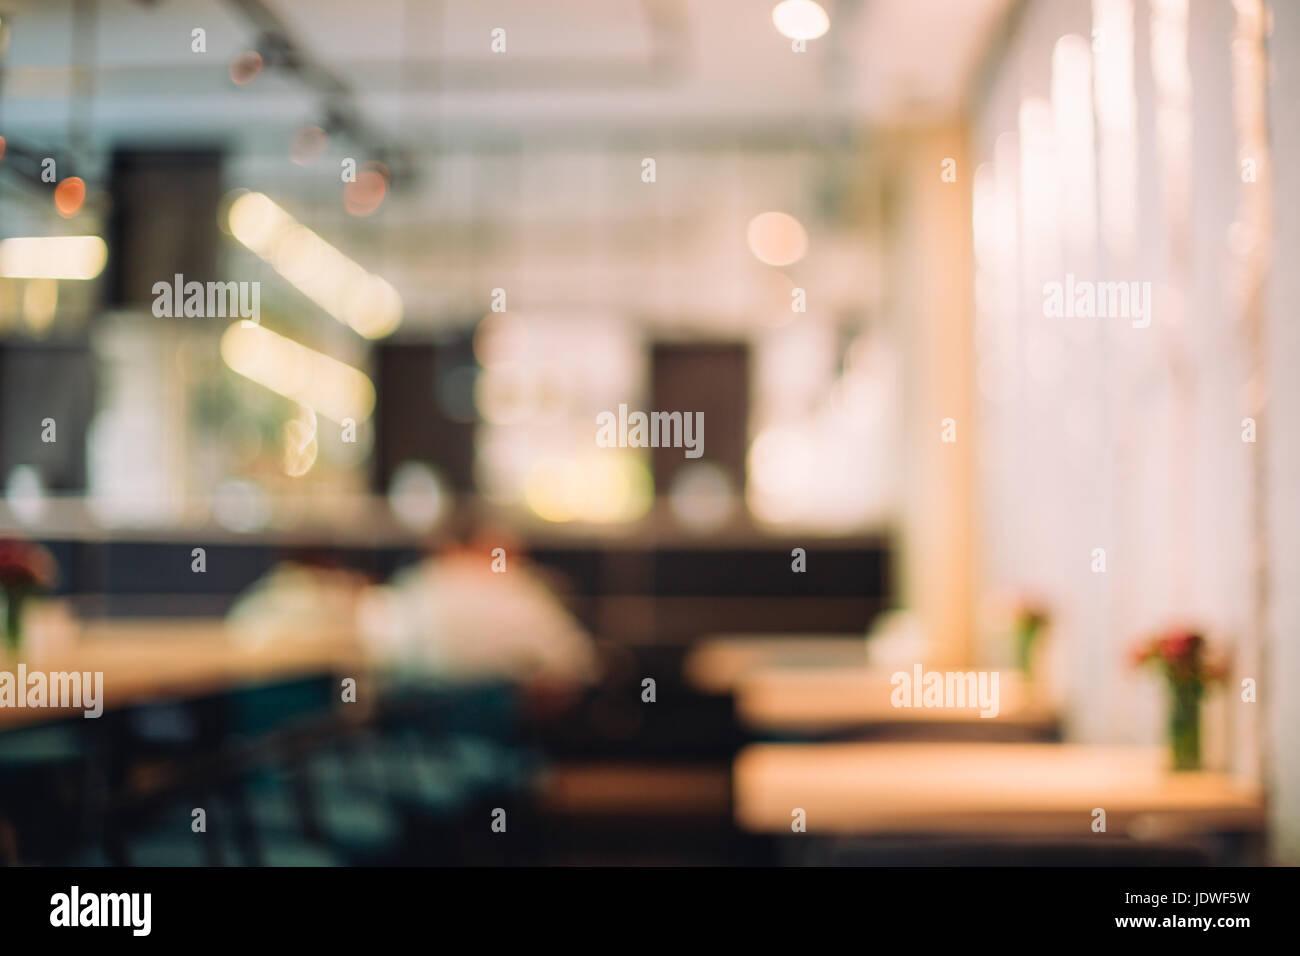 Blurred background of stylish cafe. - Stock Image